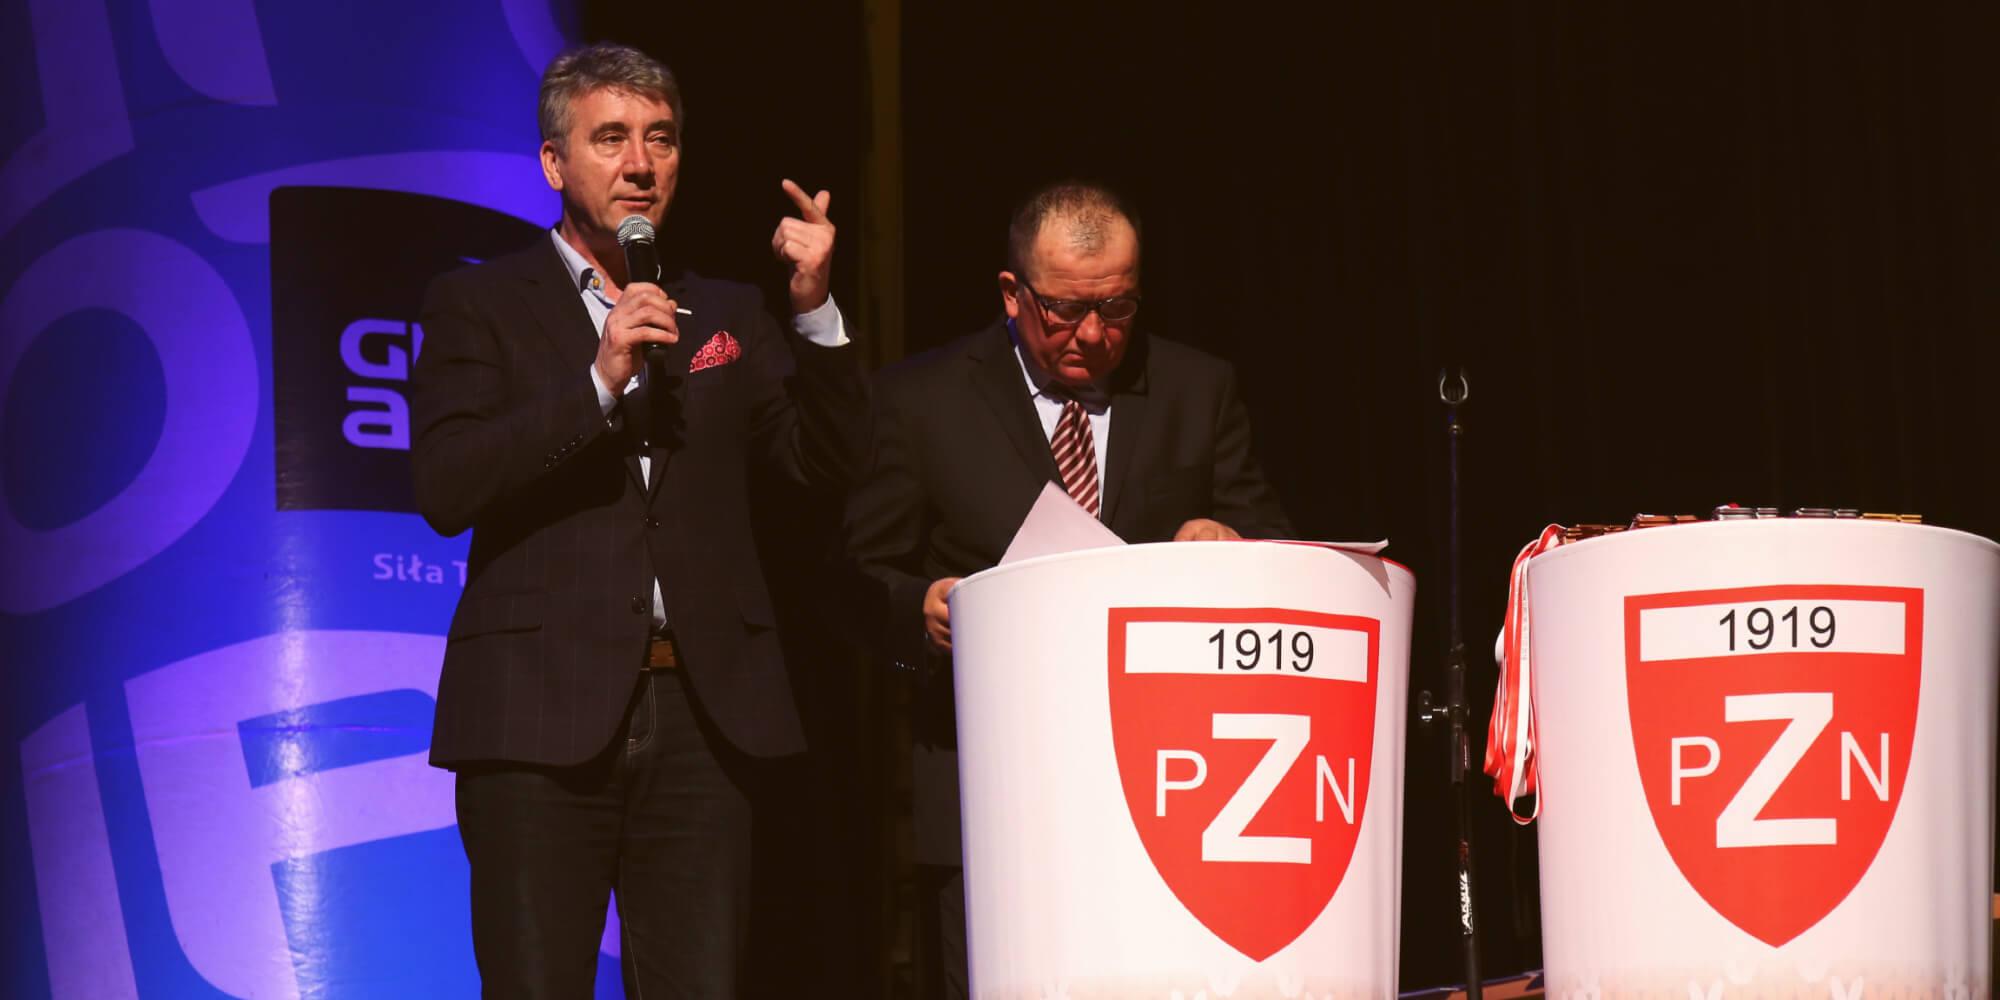 Stolik eventowy podczas konferencji Polskiego Związki Narciarskiego